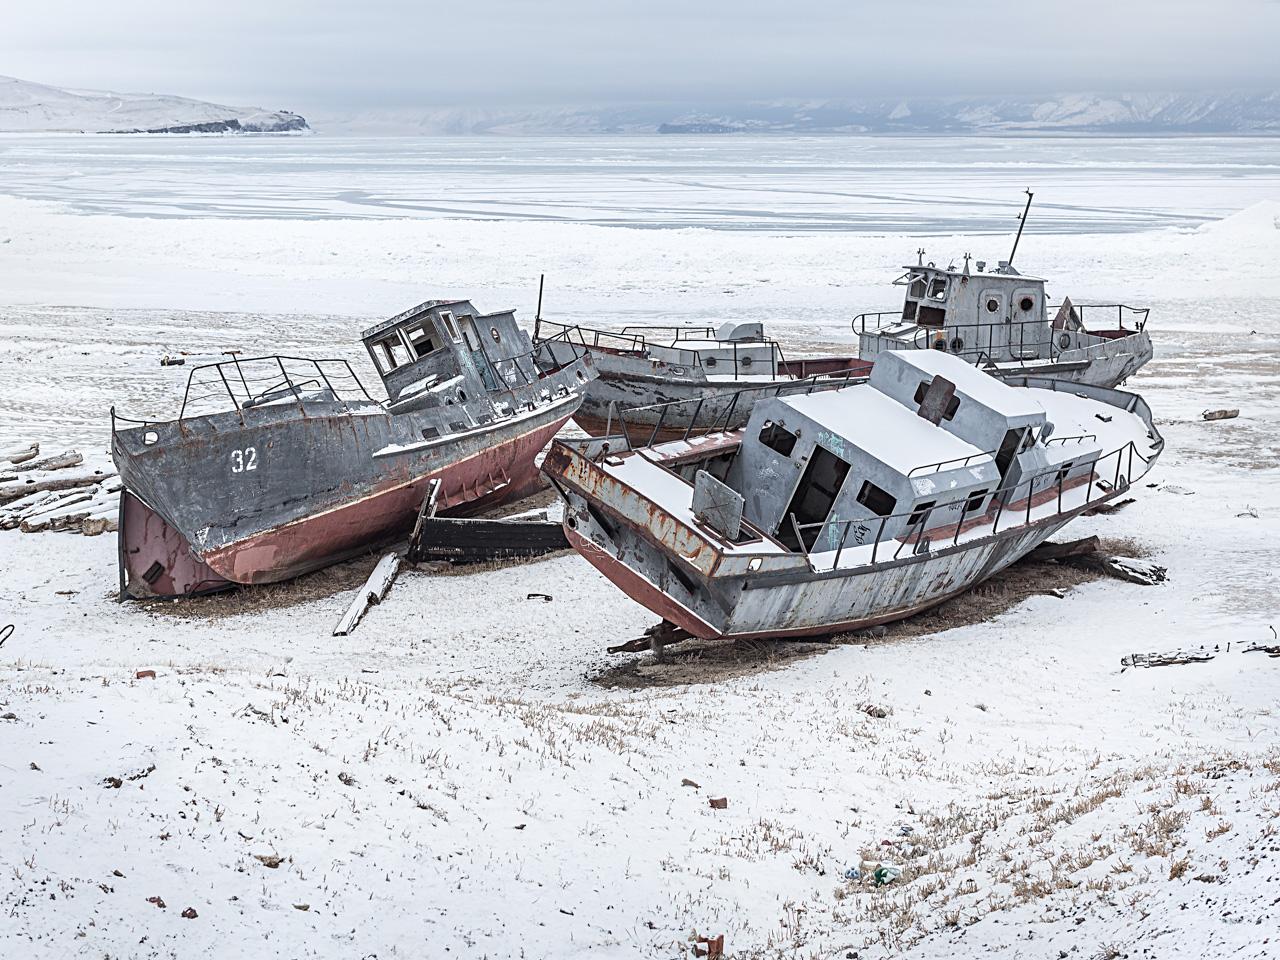 """Sull'isola capita di incrociare gli """"scheletri"""" di vecchi pescherecci abbandonati"""